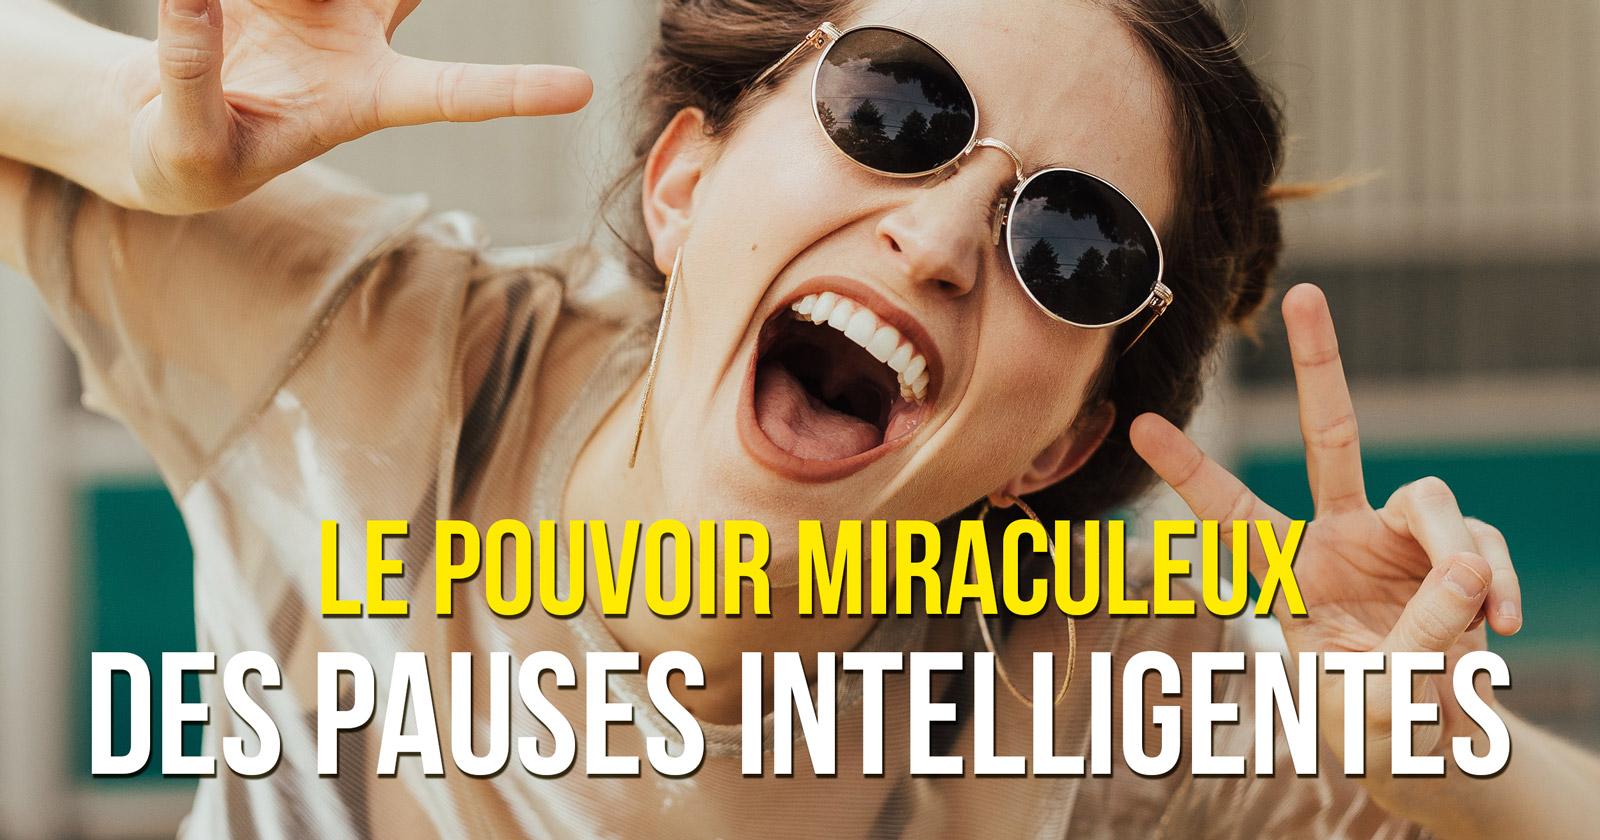 Le pouvoir miraculeux des pauses intelligentes